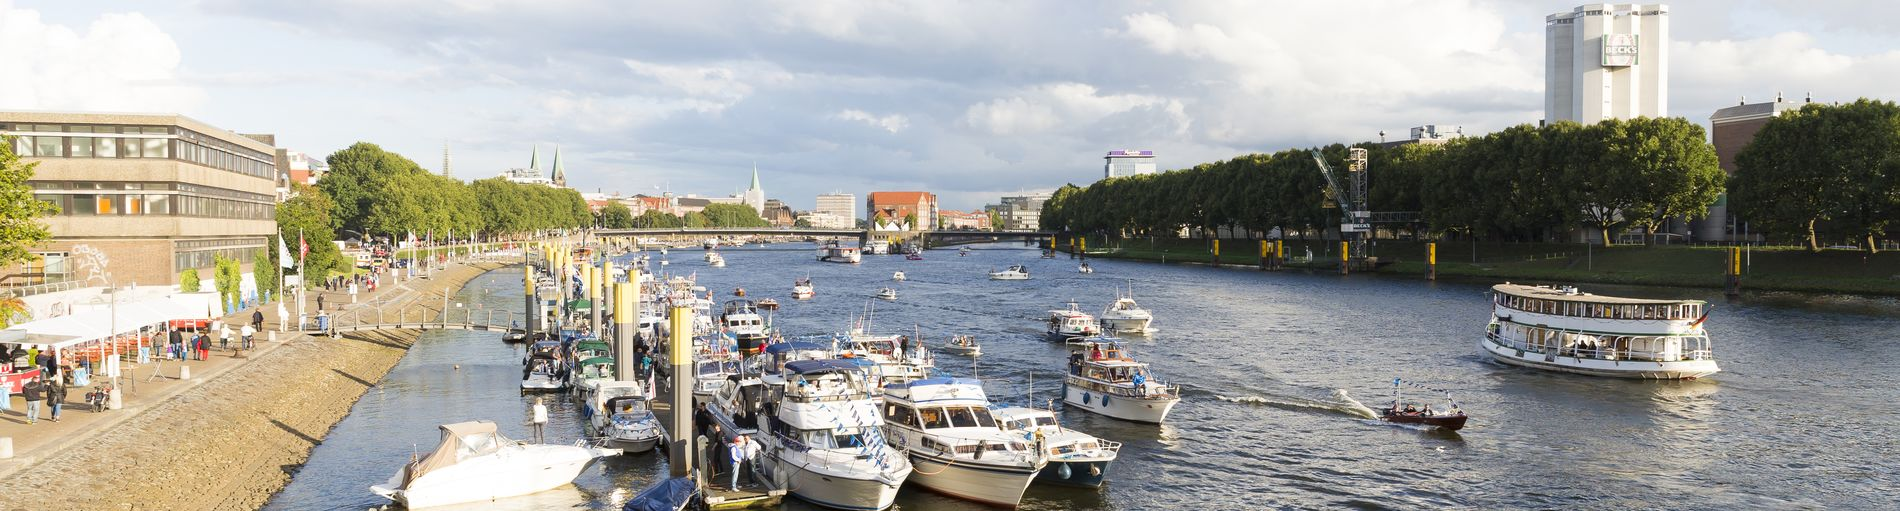 Blick auf die Weser Richtung Schlachte bei regem Schiffstreiben